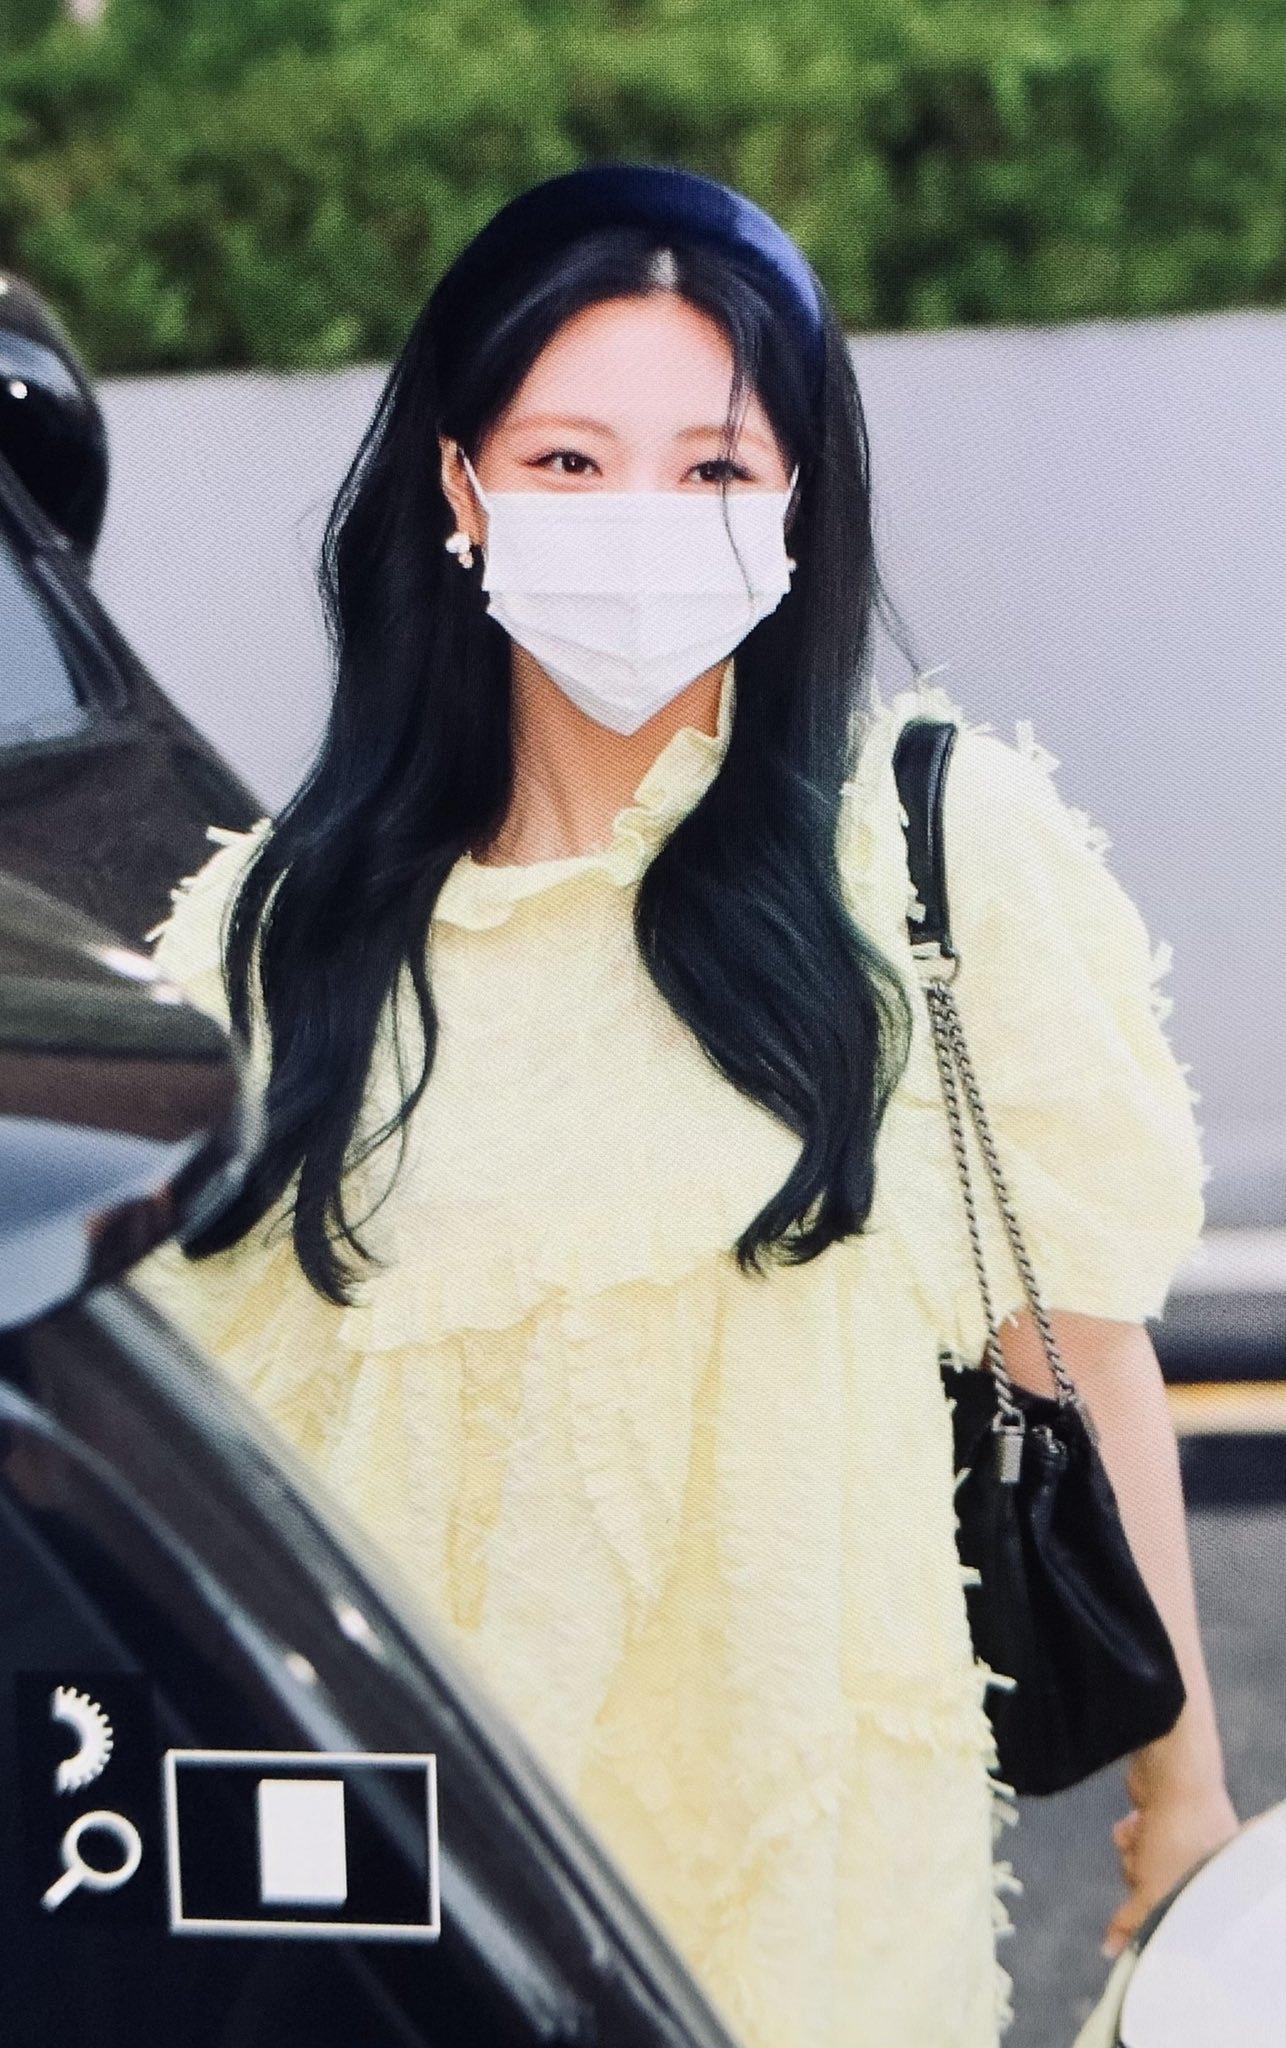 ITZY đi làm: Ryu Jin đỉnh của chóp, Yuna lại bị chê style bà bầu - 12